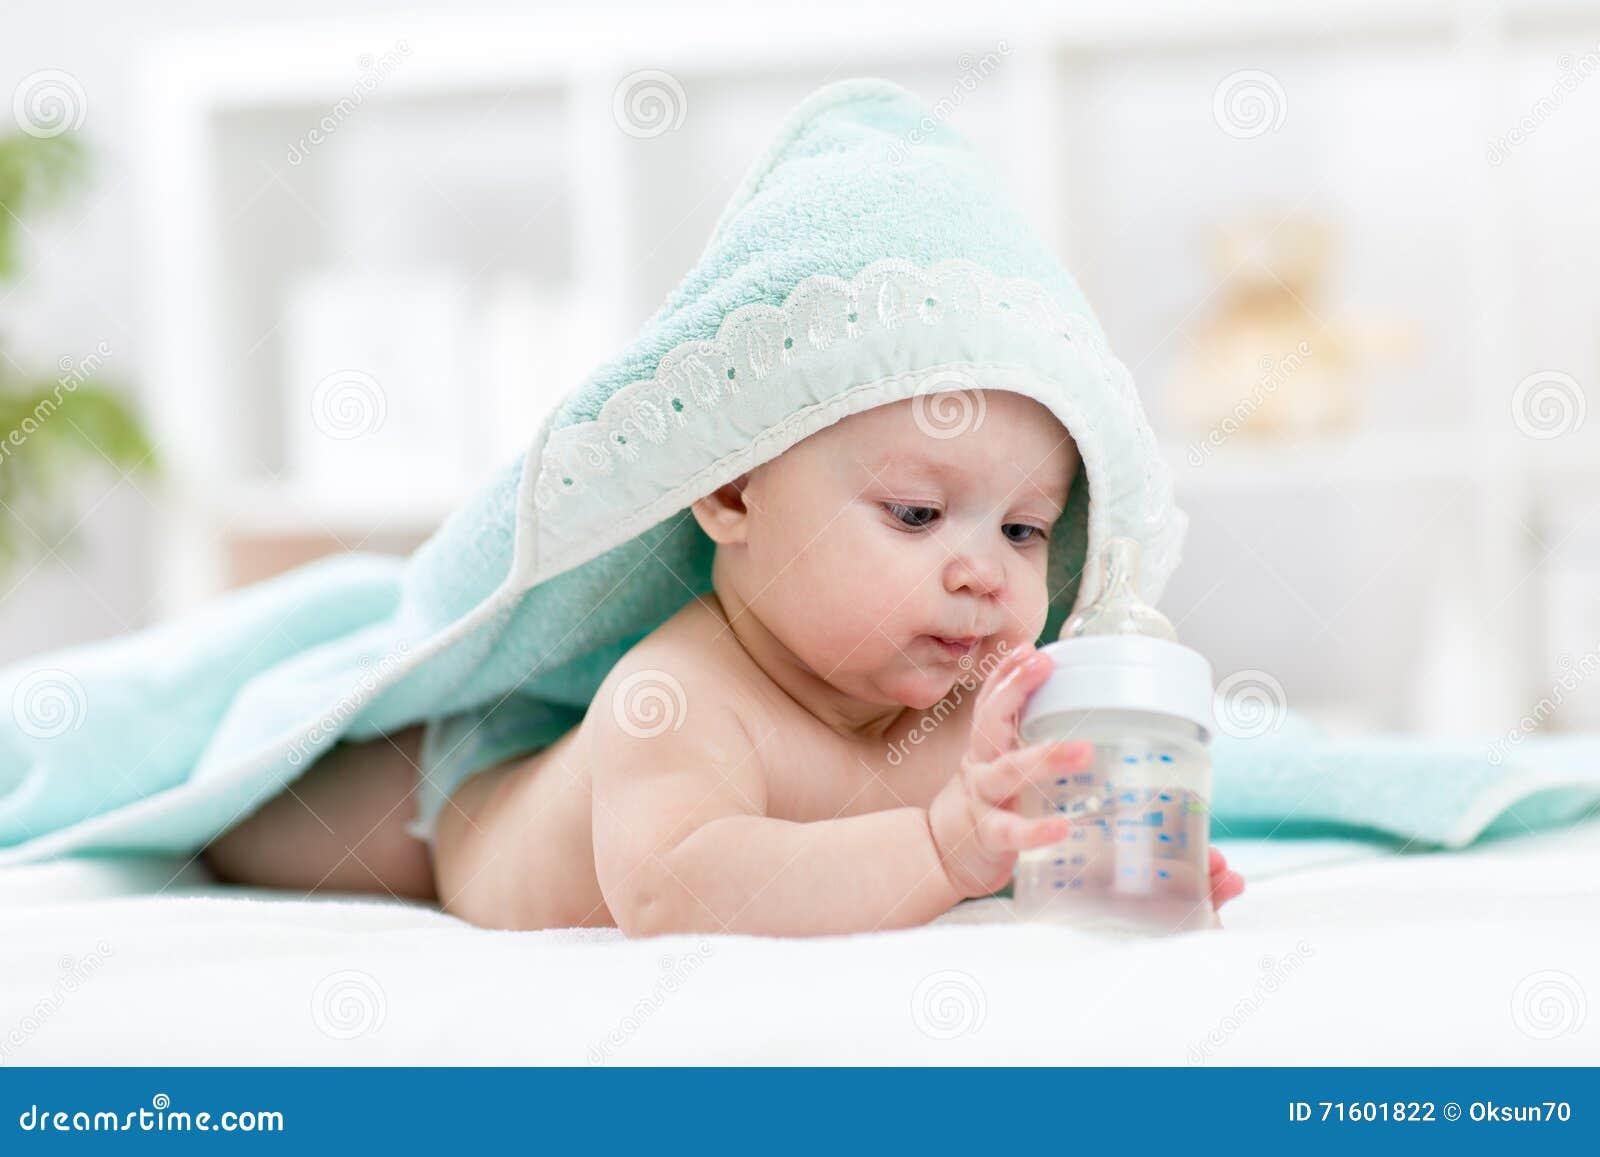 El bebé bebe el agua de la toalla cubierta botella después de baño